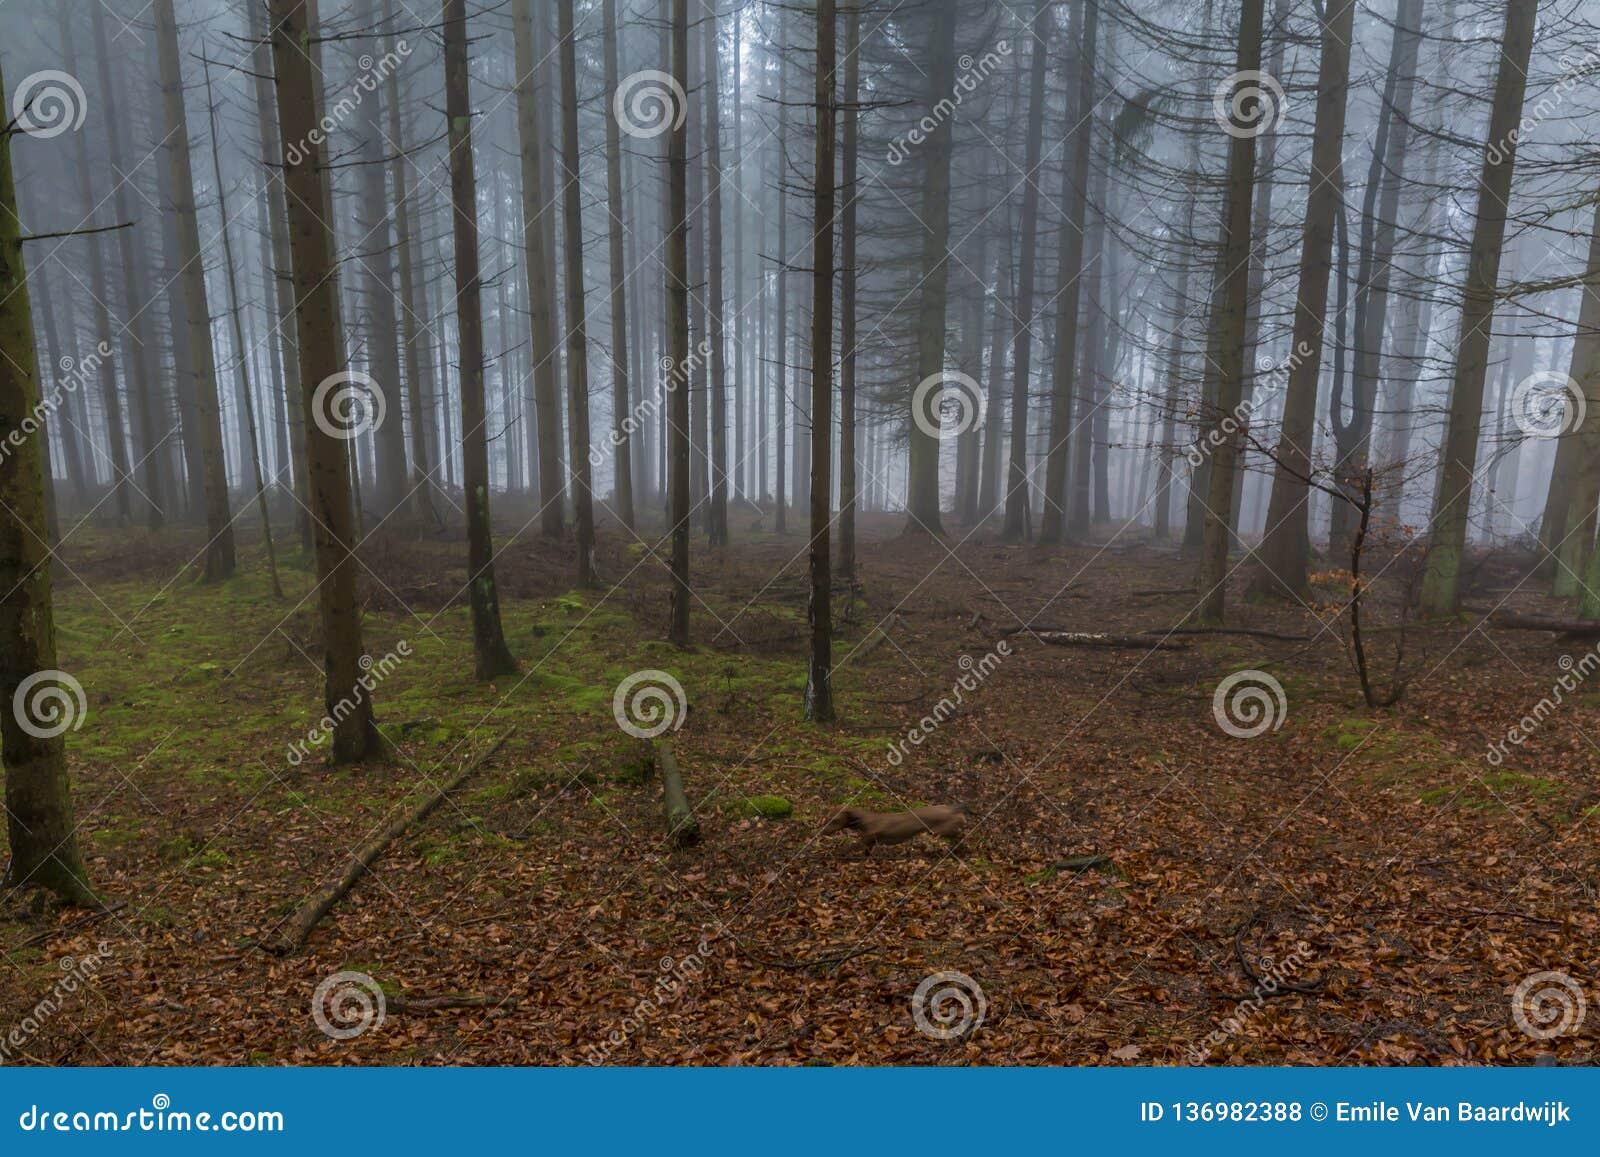 Изображение высокорослых сосен в лесе с мхом и листьями на том основании с много туманом